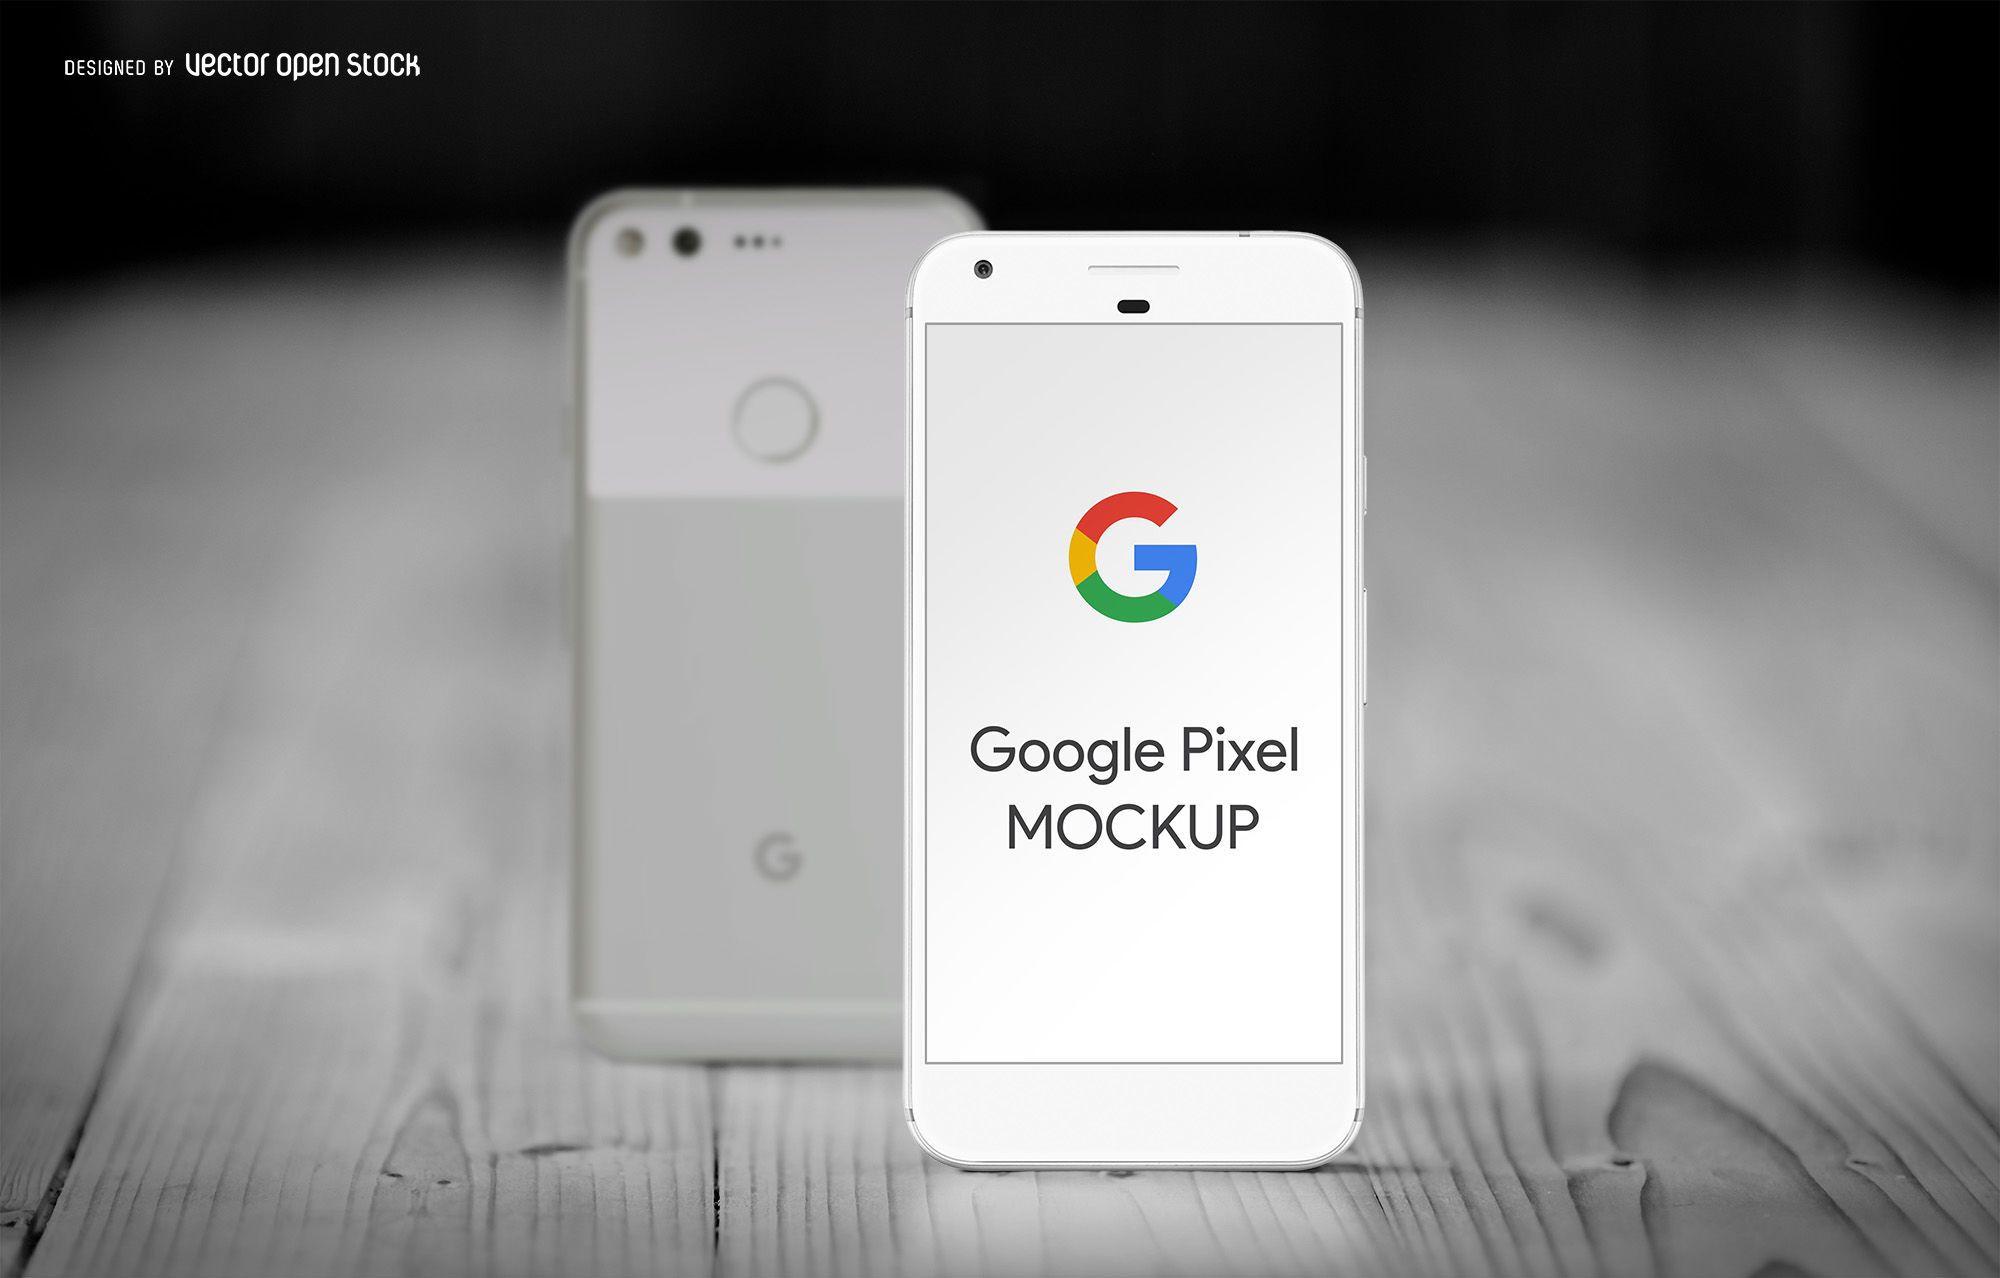 Google Pixel smartphone mockup - Vector download